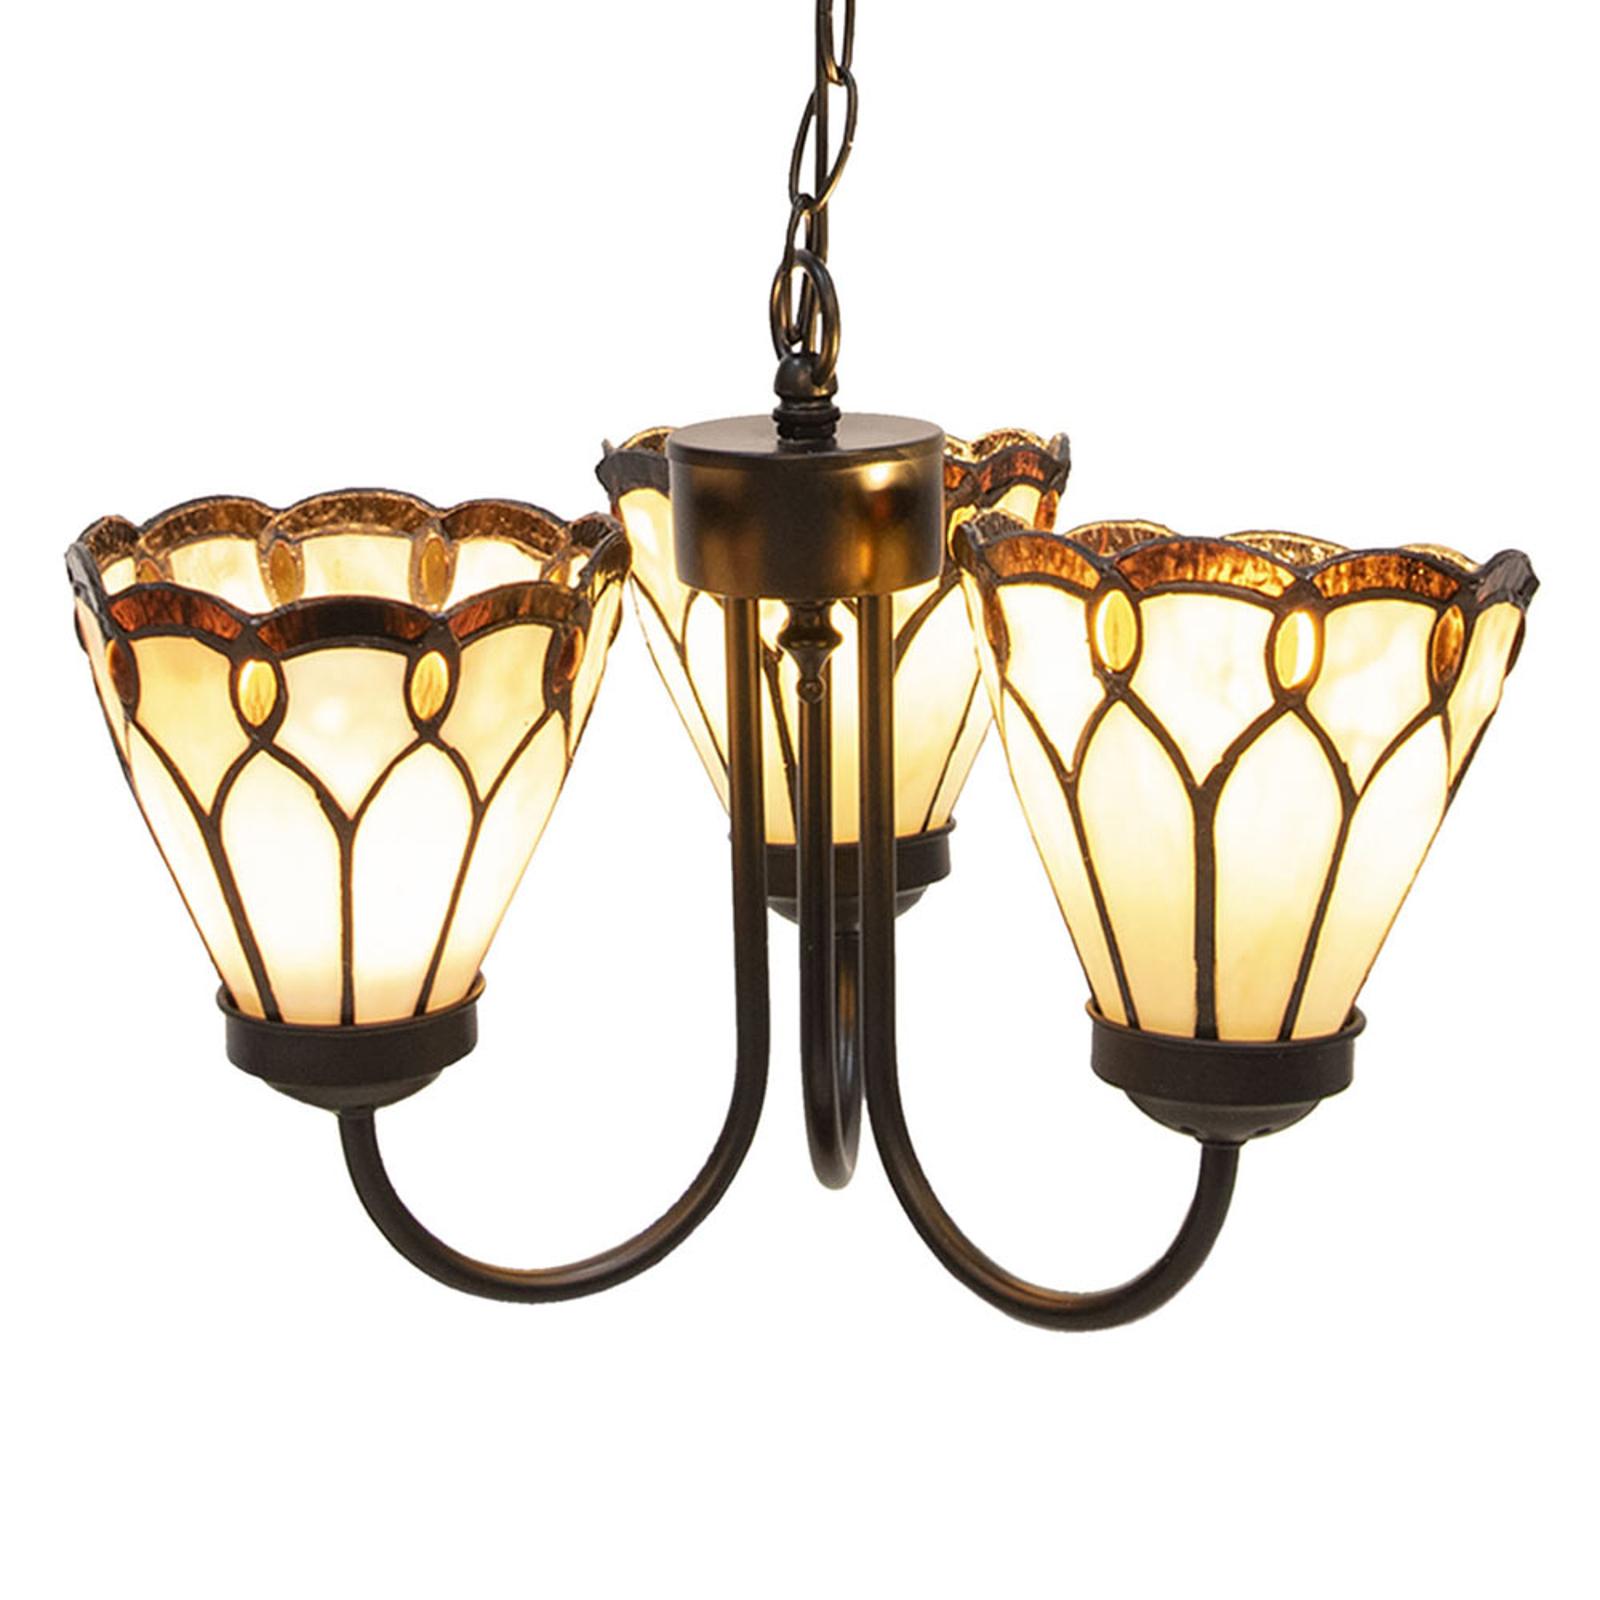 Hængelampe 5996 i tiffanystil, 3 lyskilder